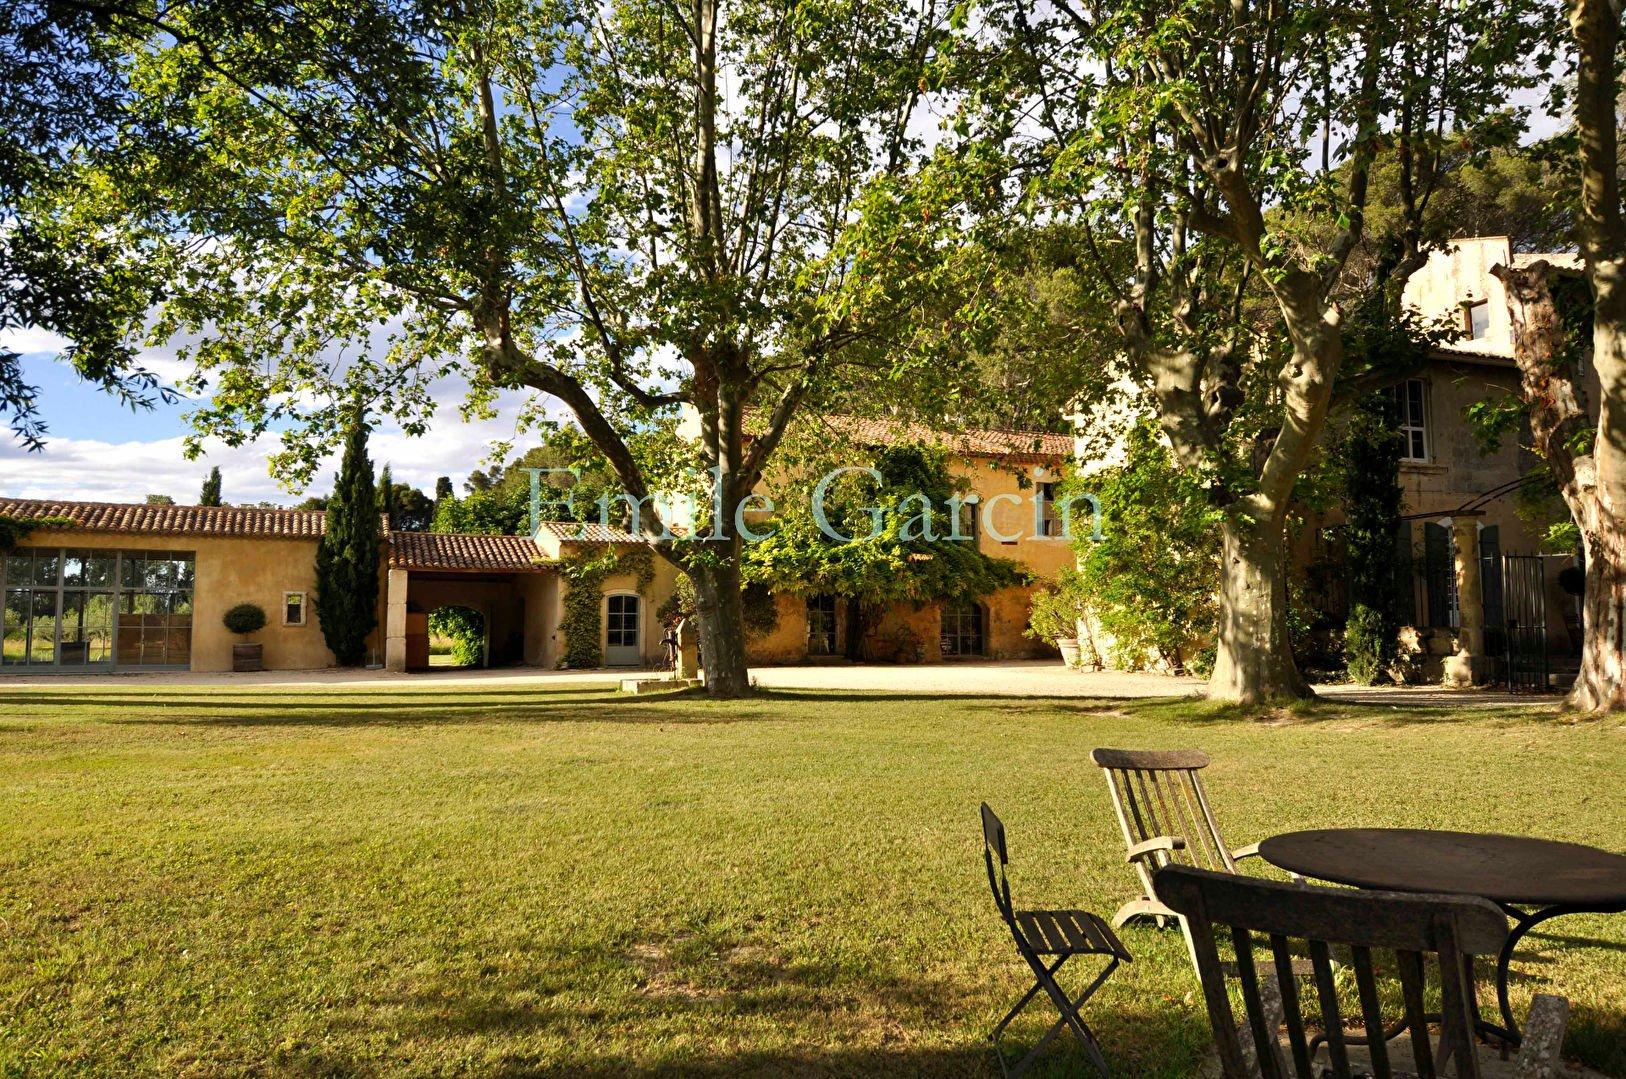 Estate in Boulbon, Provence-Alpes-Côte d'Azur, France 1